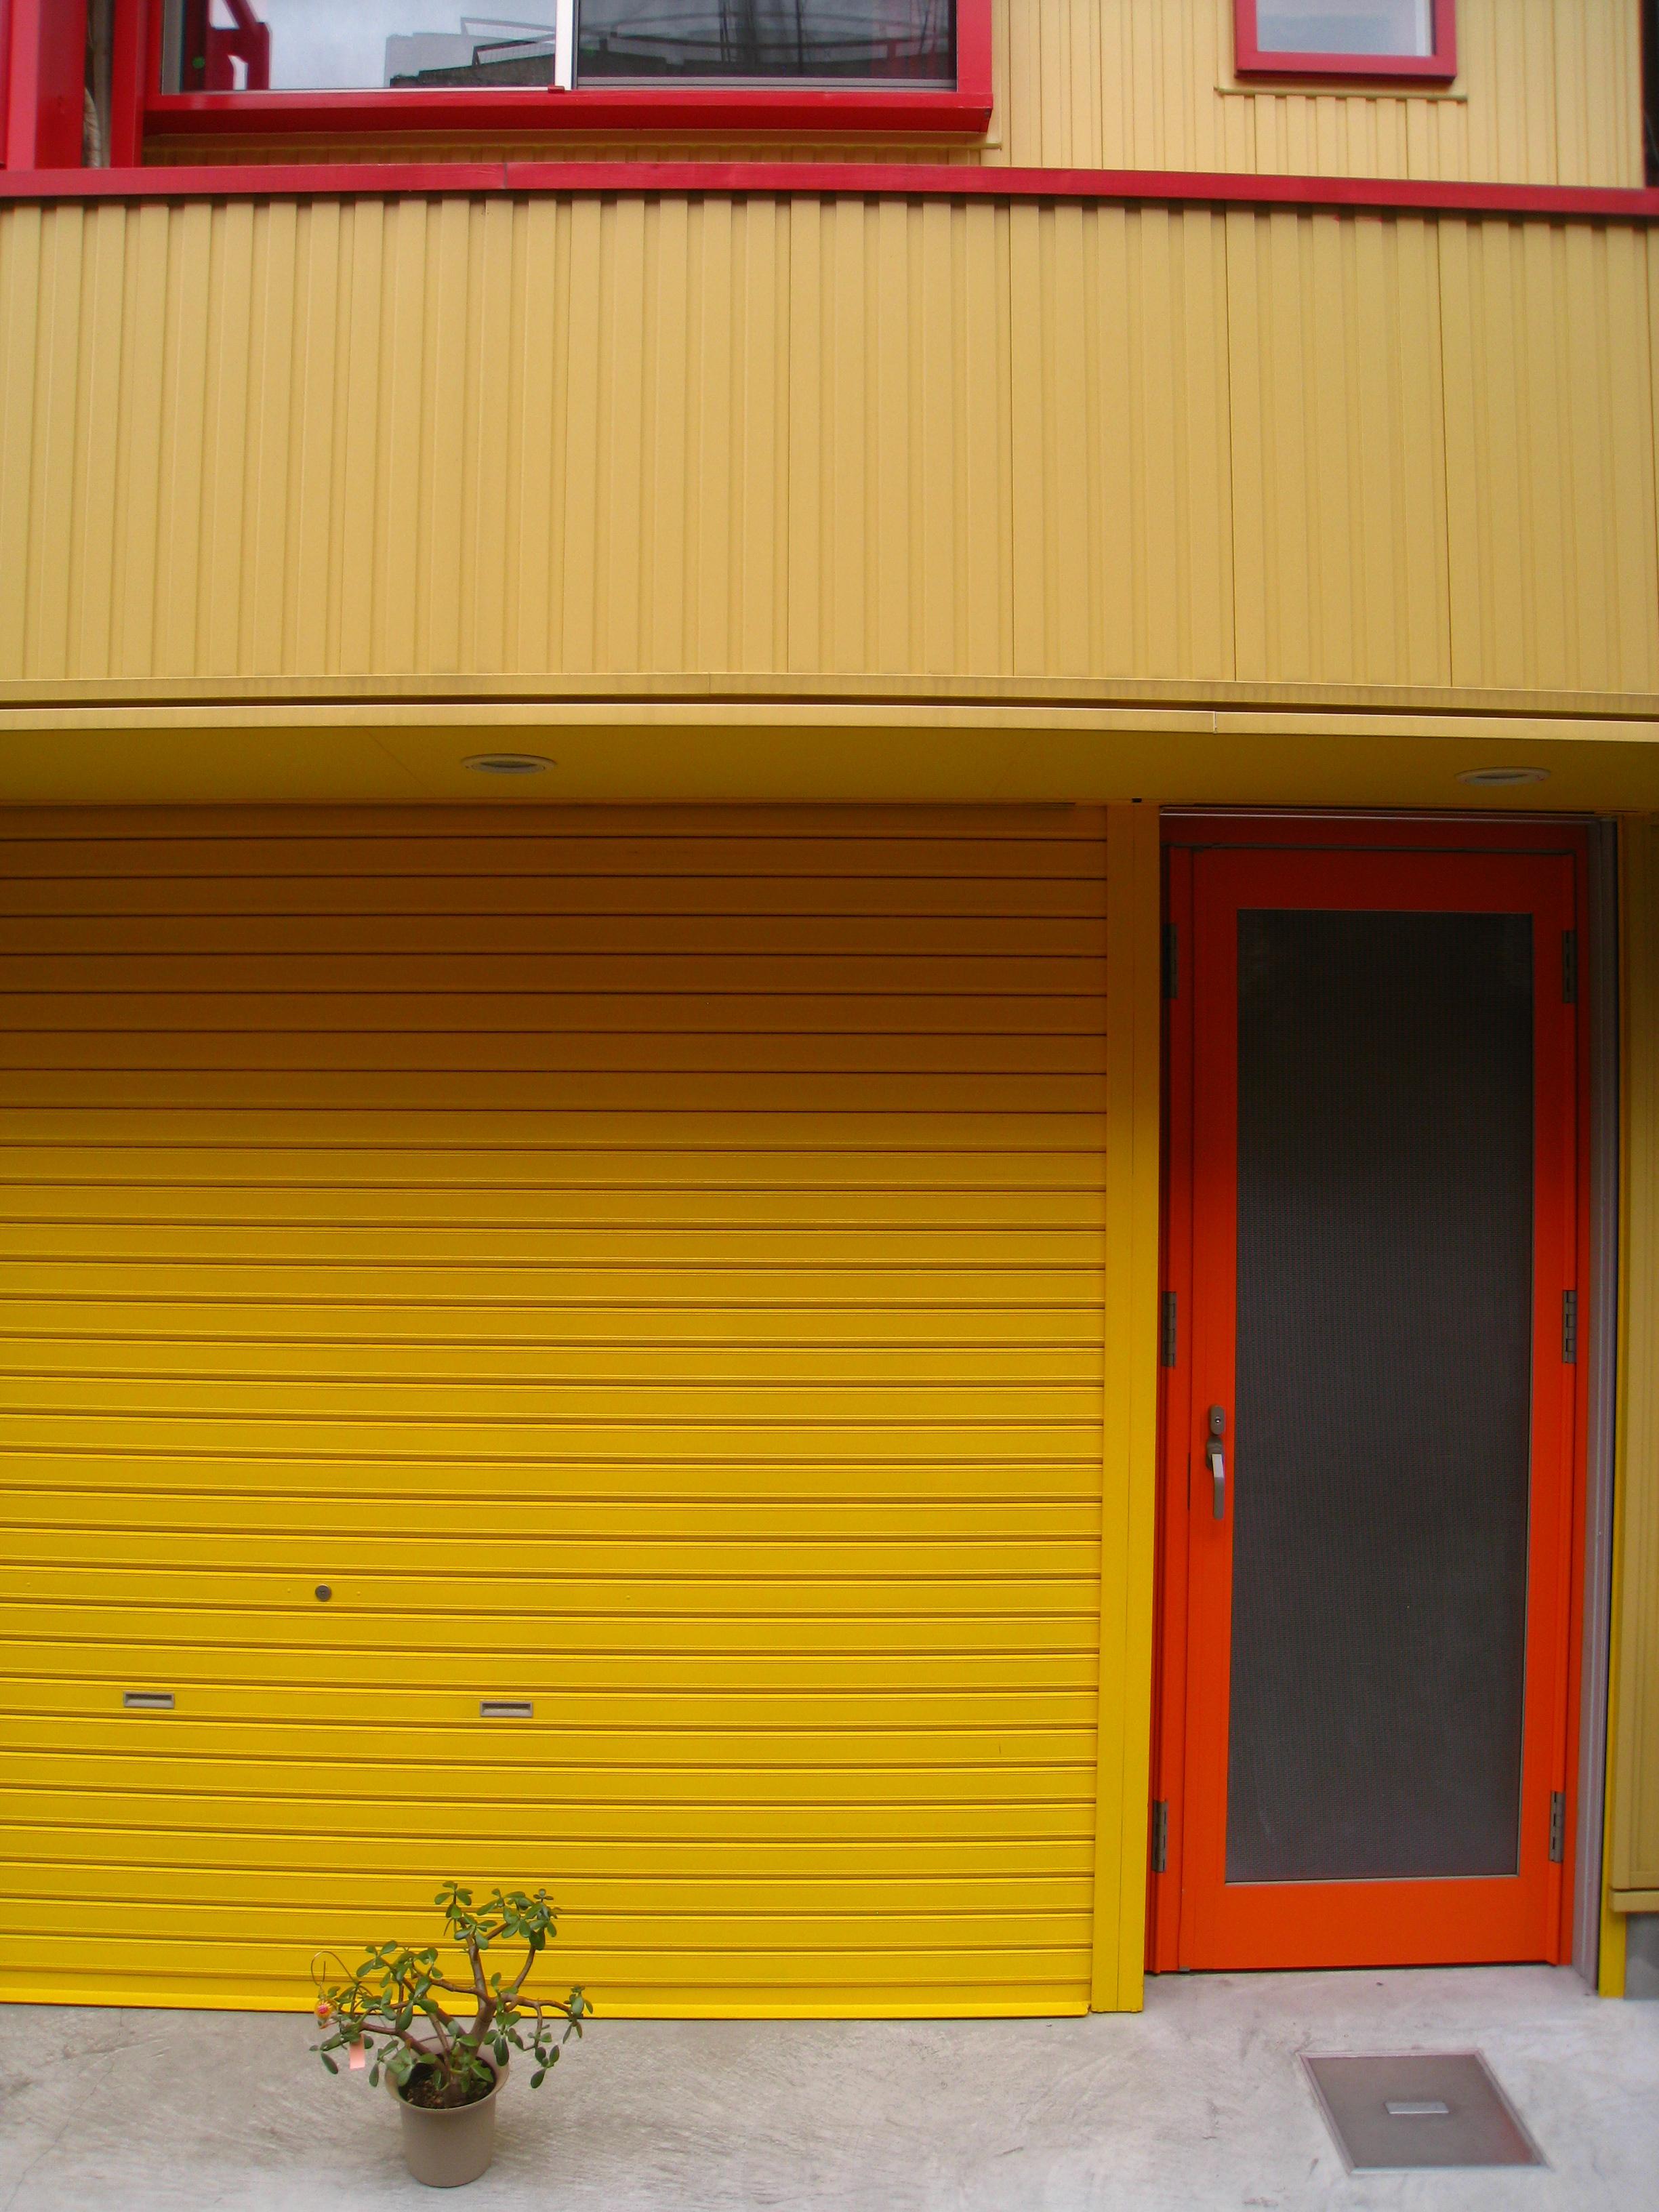 03 yellow red.jpg